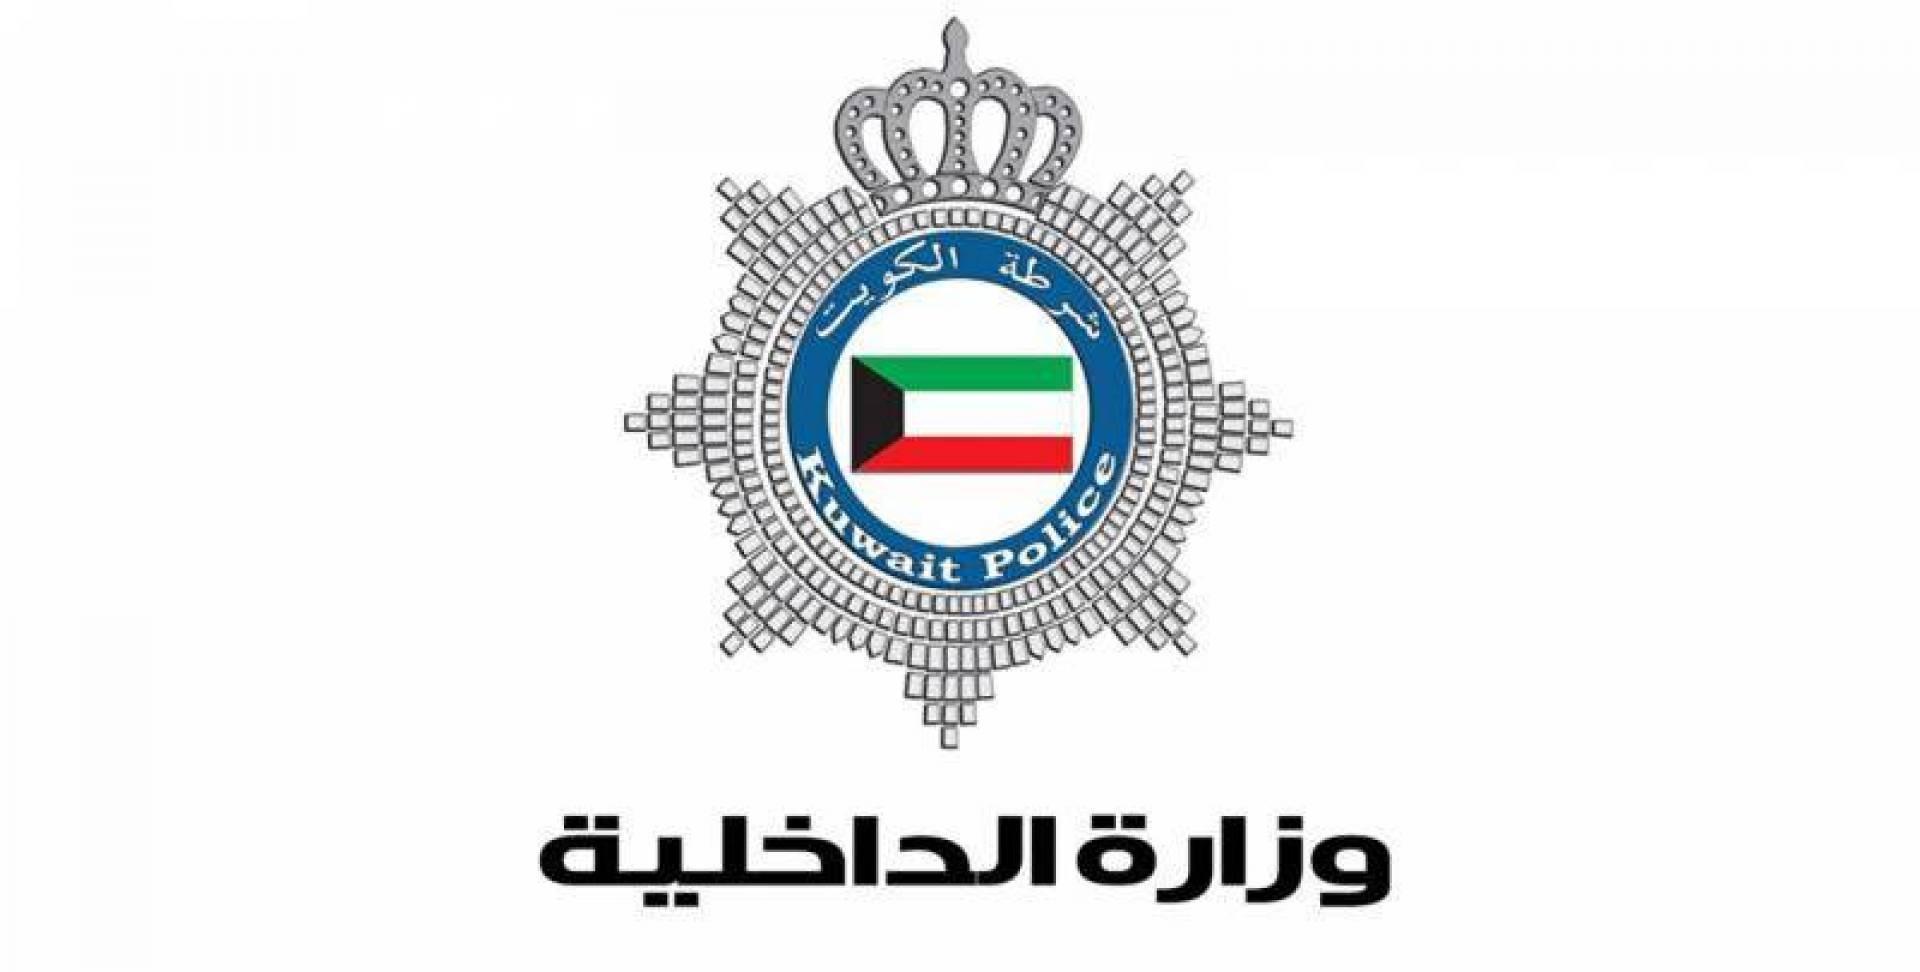 تحقيق في الاتهامات المتبادلة بين مواطن ورجل أمن